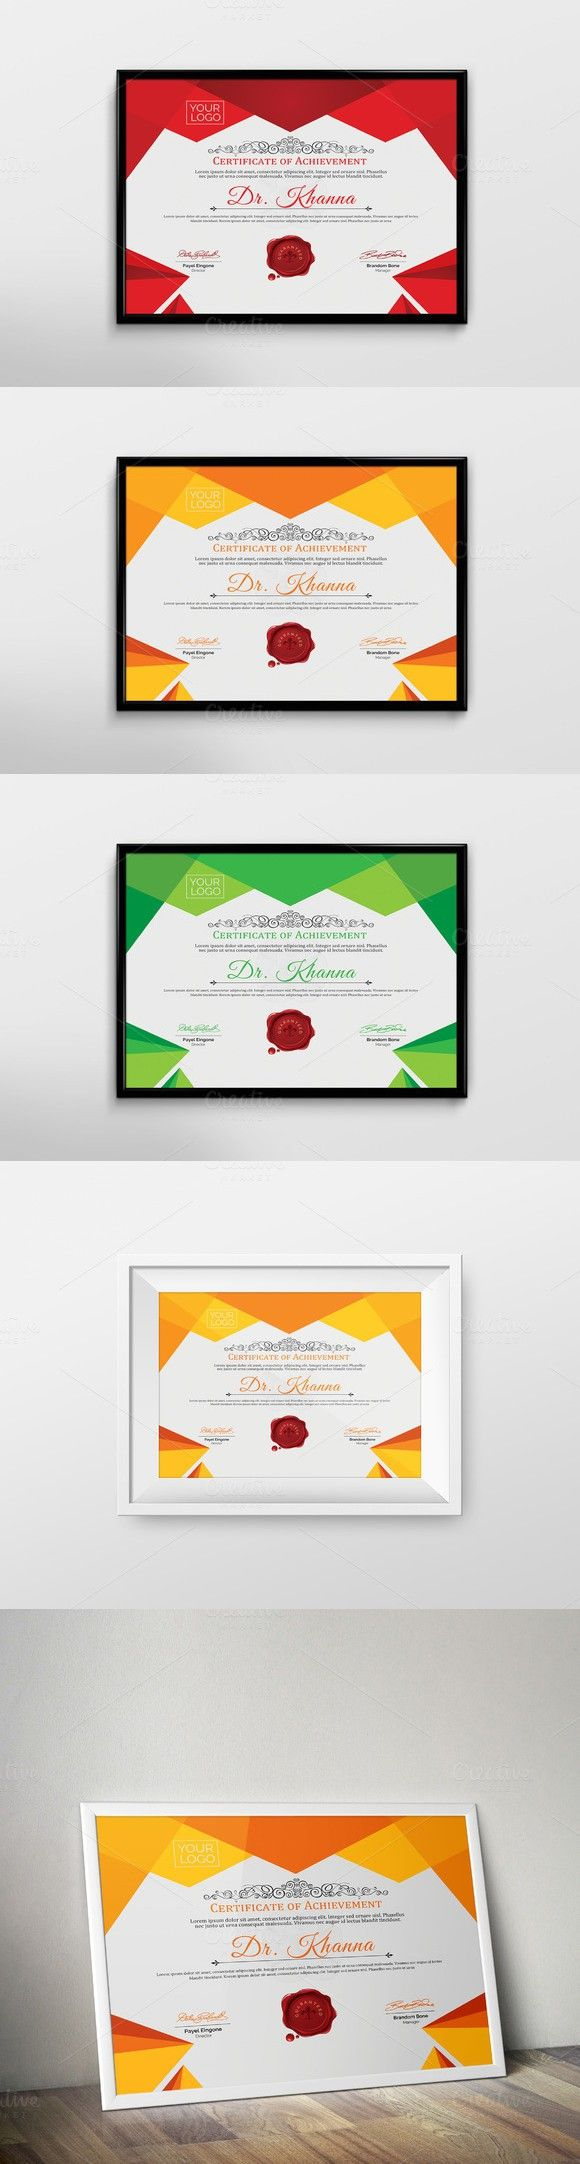 Best 25 certificate layout ideas on pinterest certificate certificate template xflitez Images